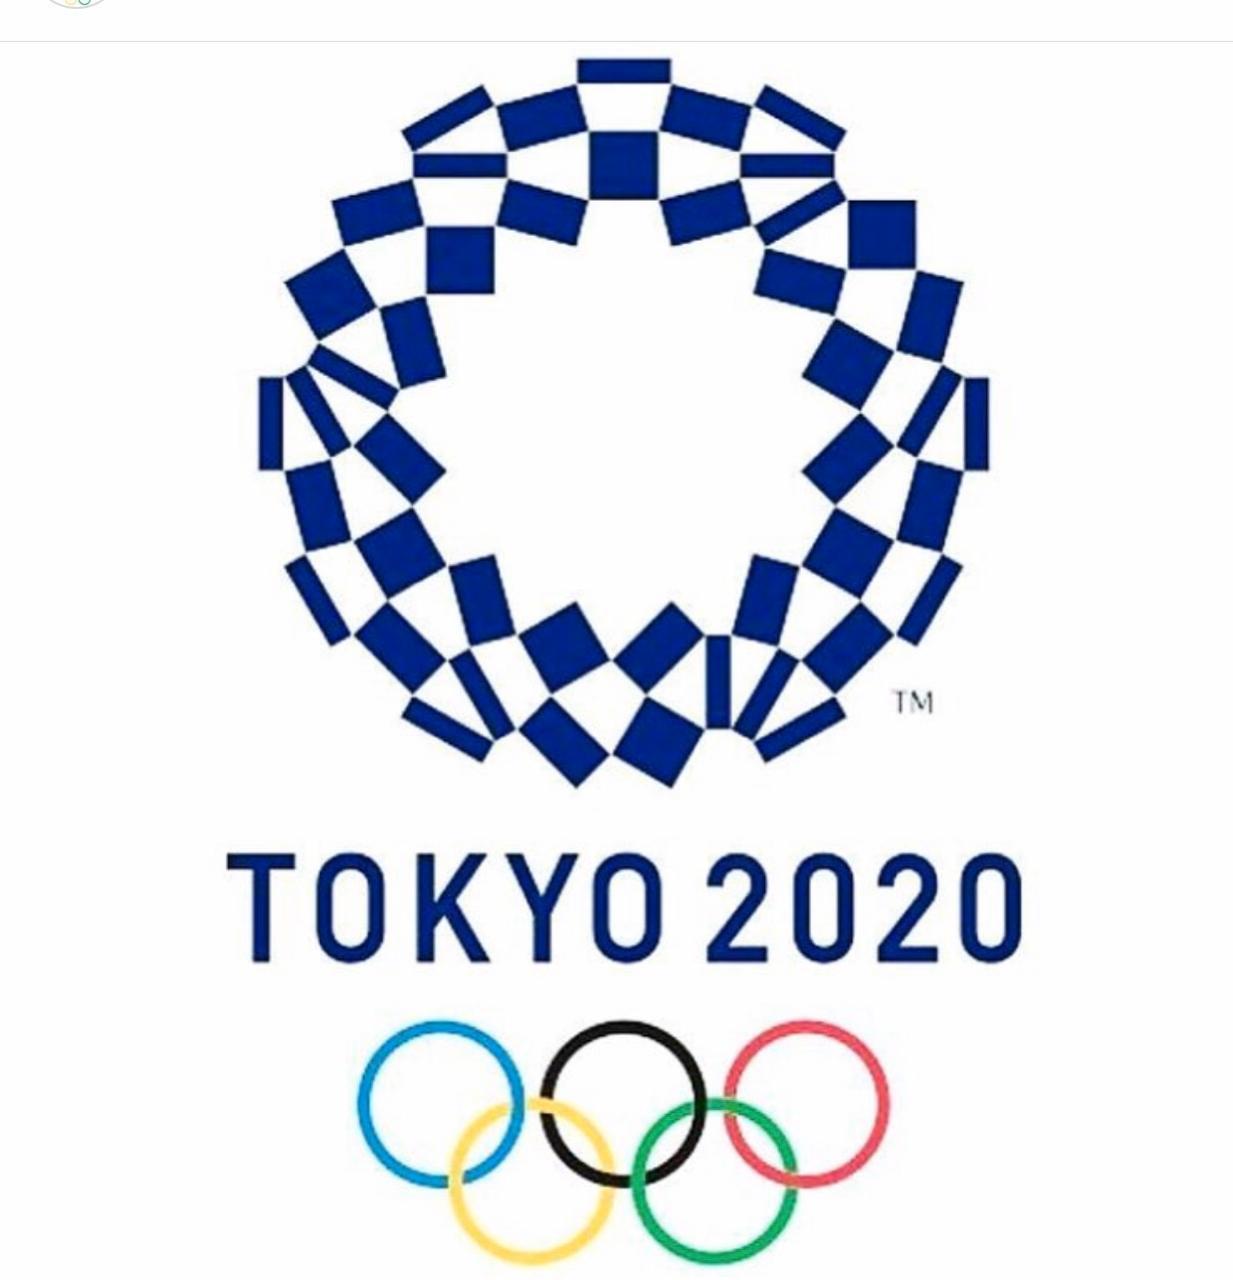 Juegos Olímpicos de Tokio fueron pospuestos para el 2021